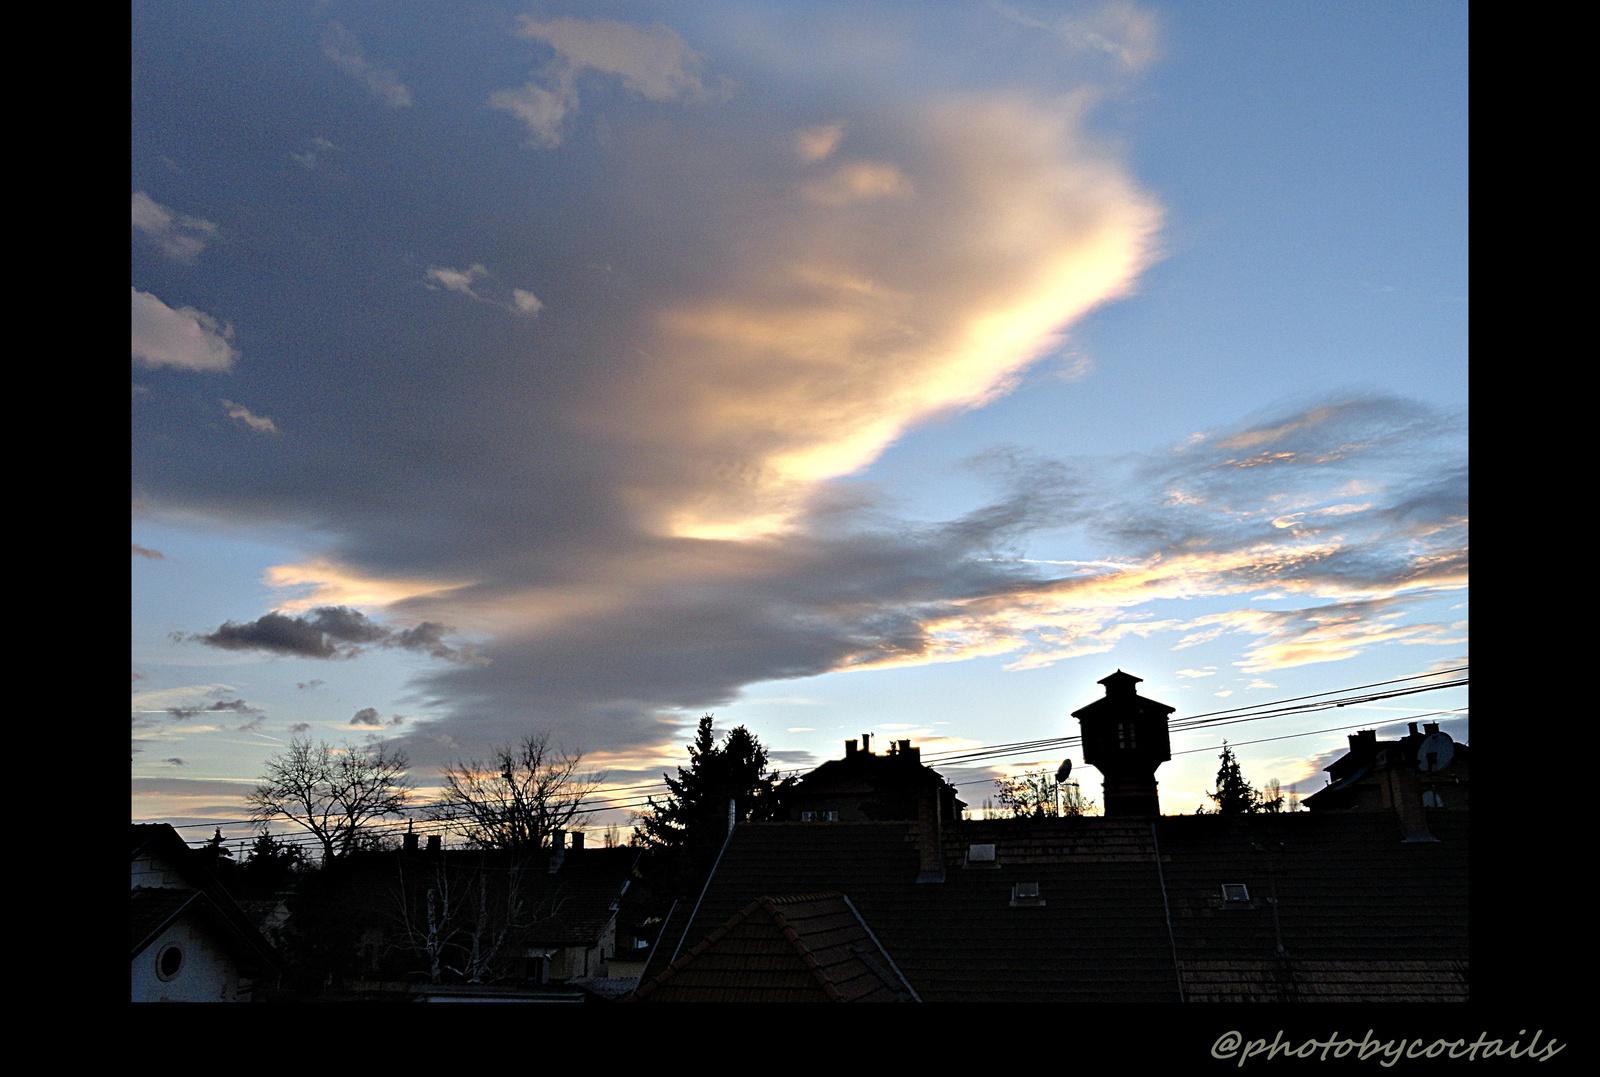 Viztorny felhőbe burkolva...